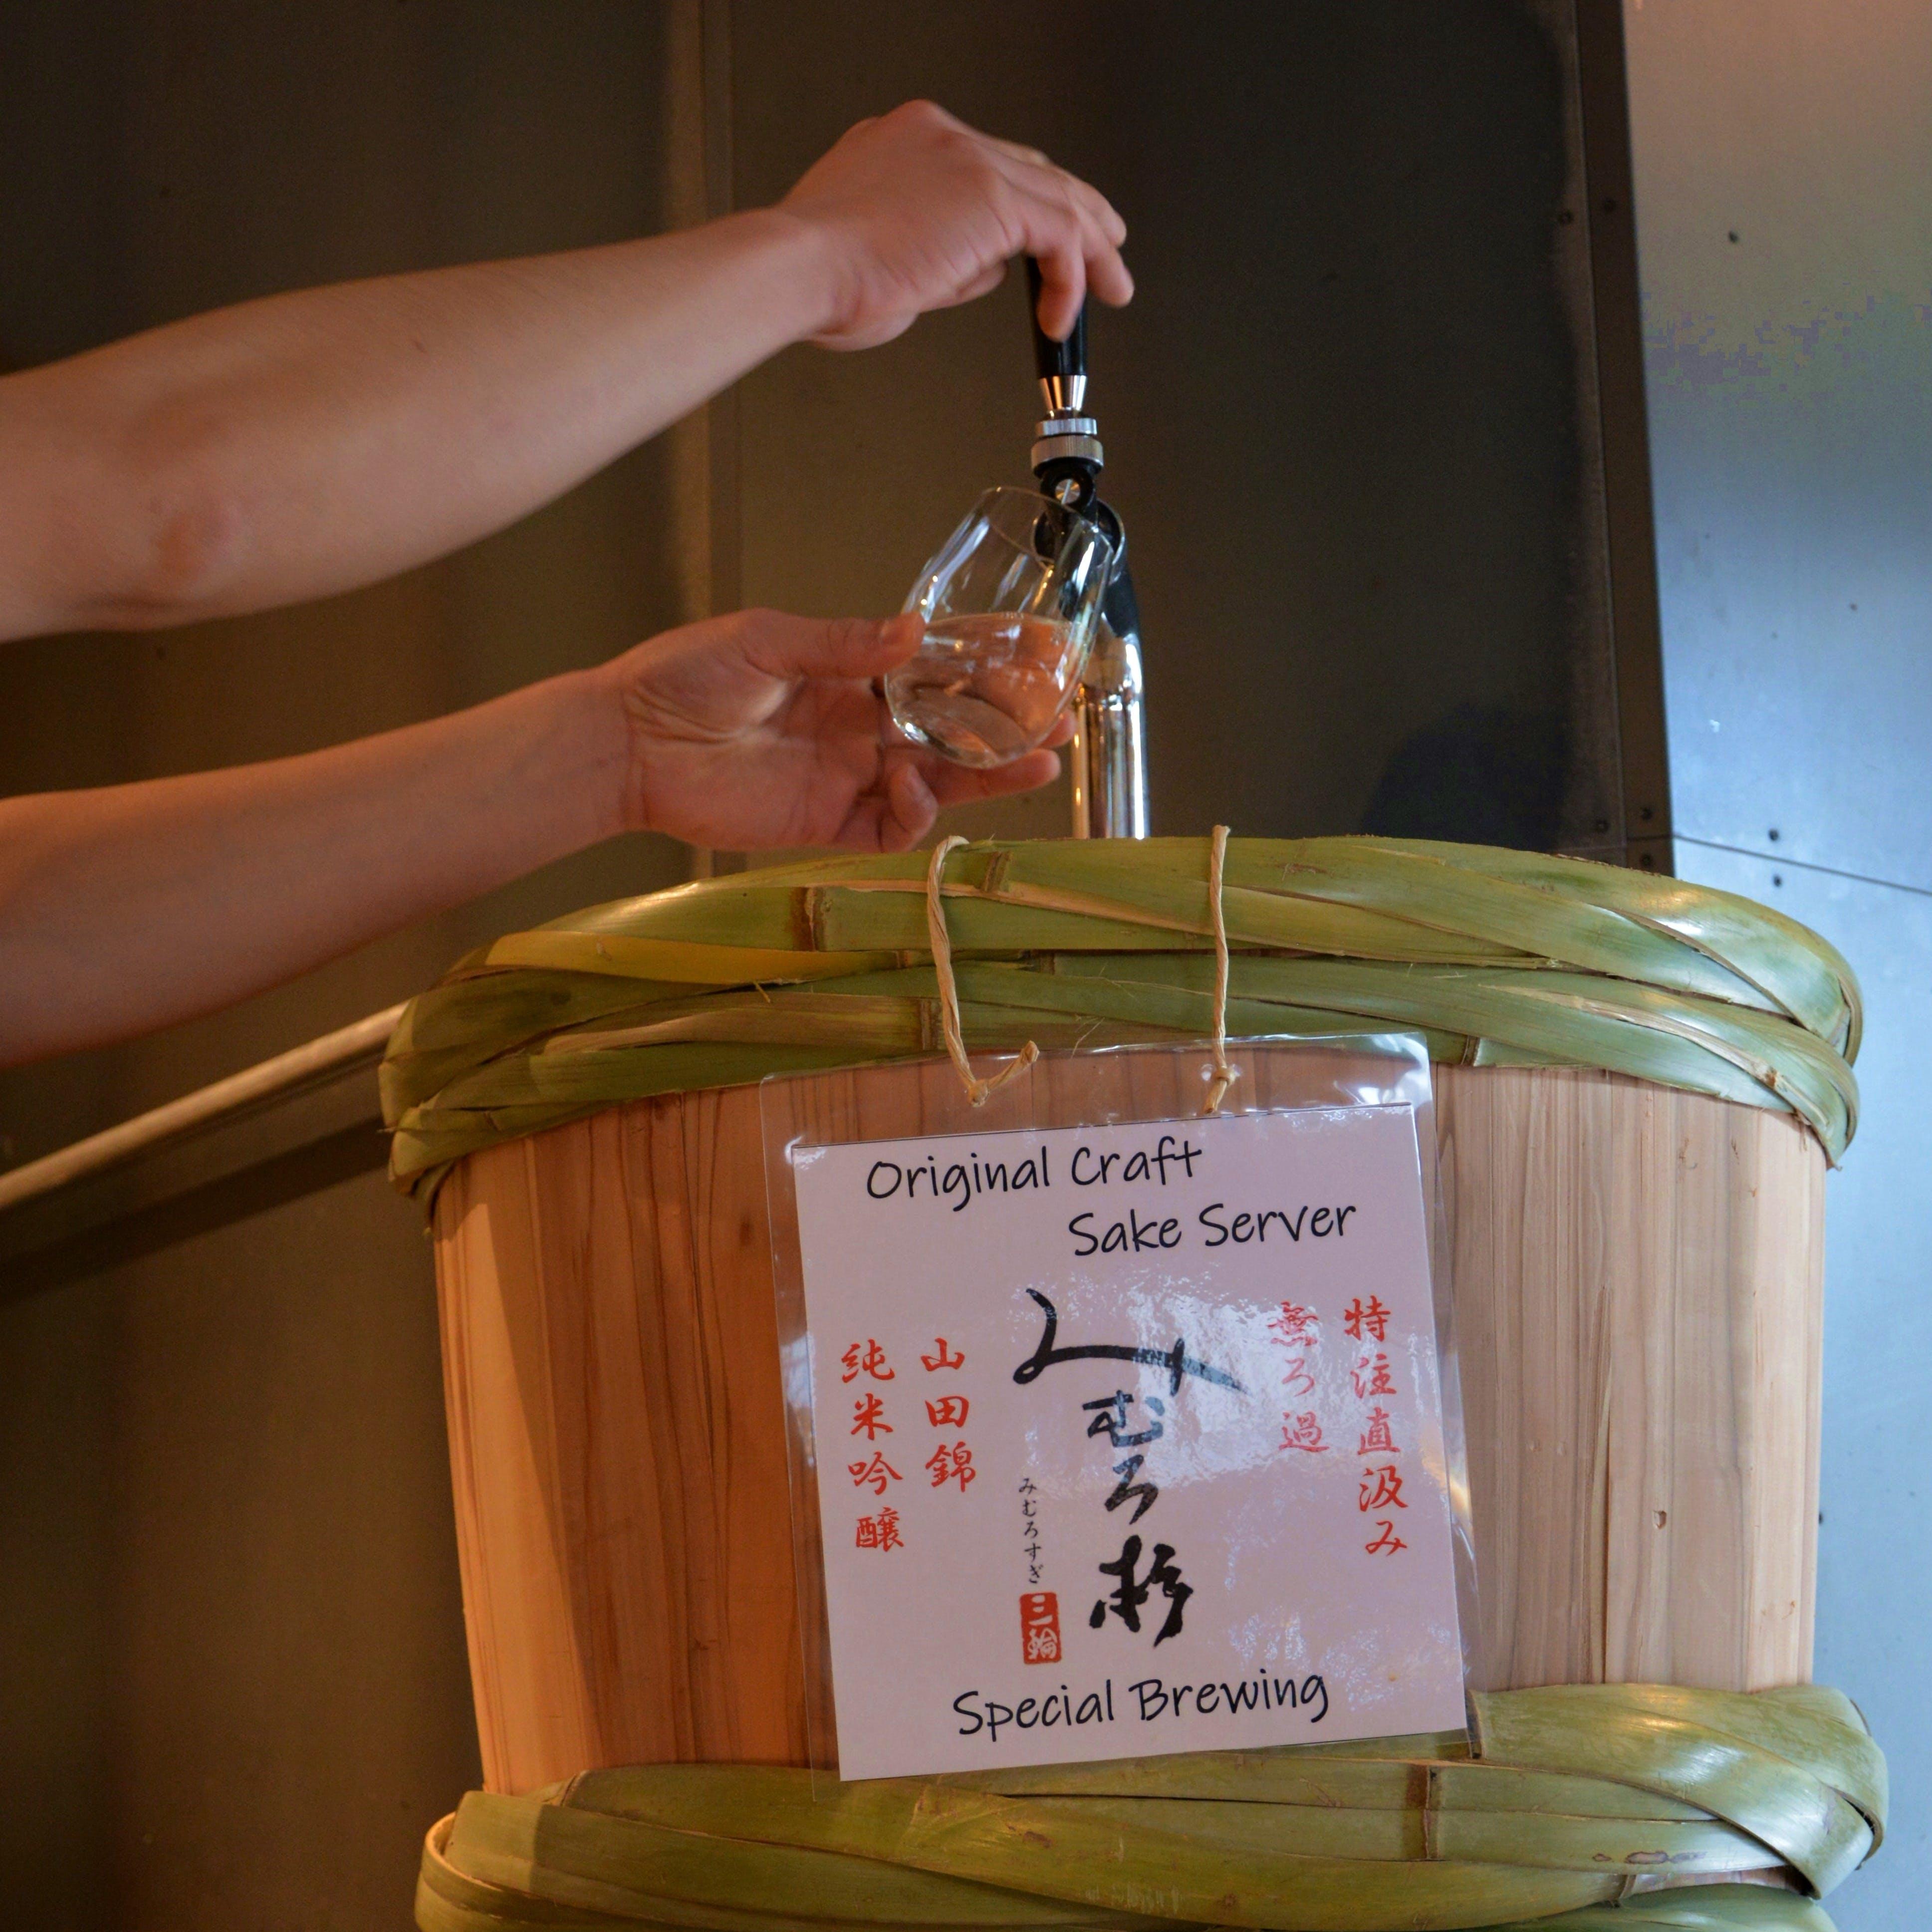 東京初!ここでしか味わえない樽詰め日本酒サーバー